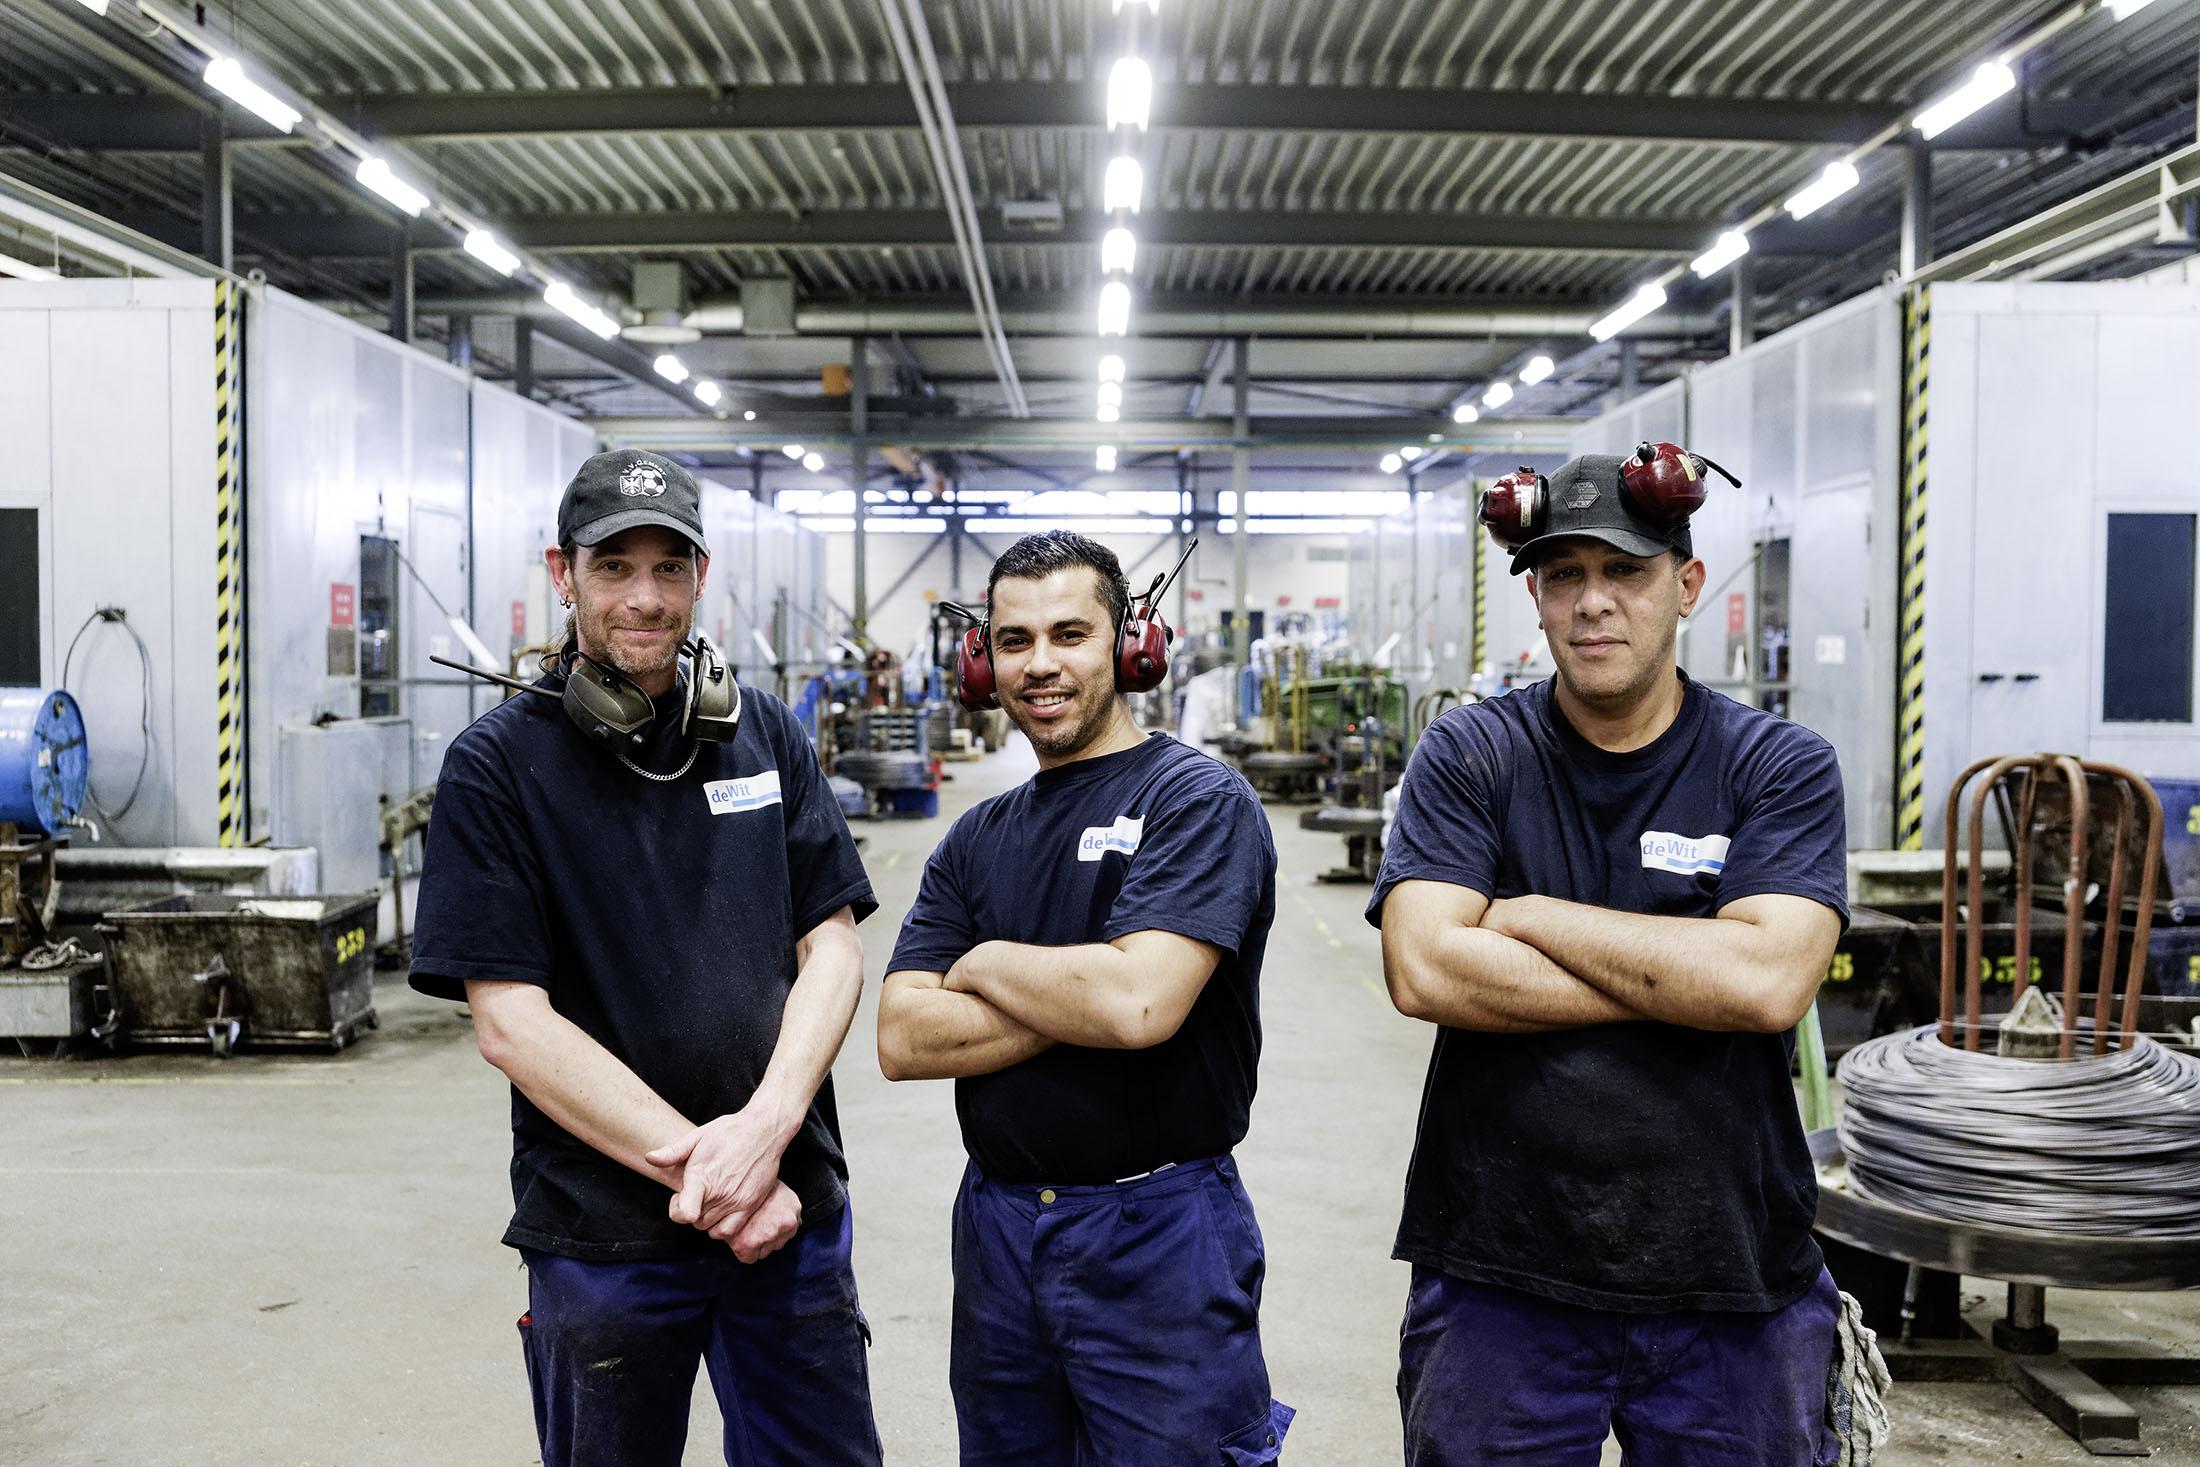 Industriefotografie_wolfram Schroll_industriefotograf_79